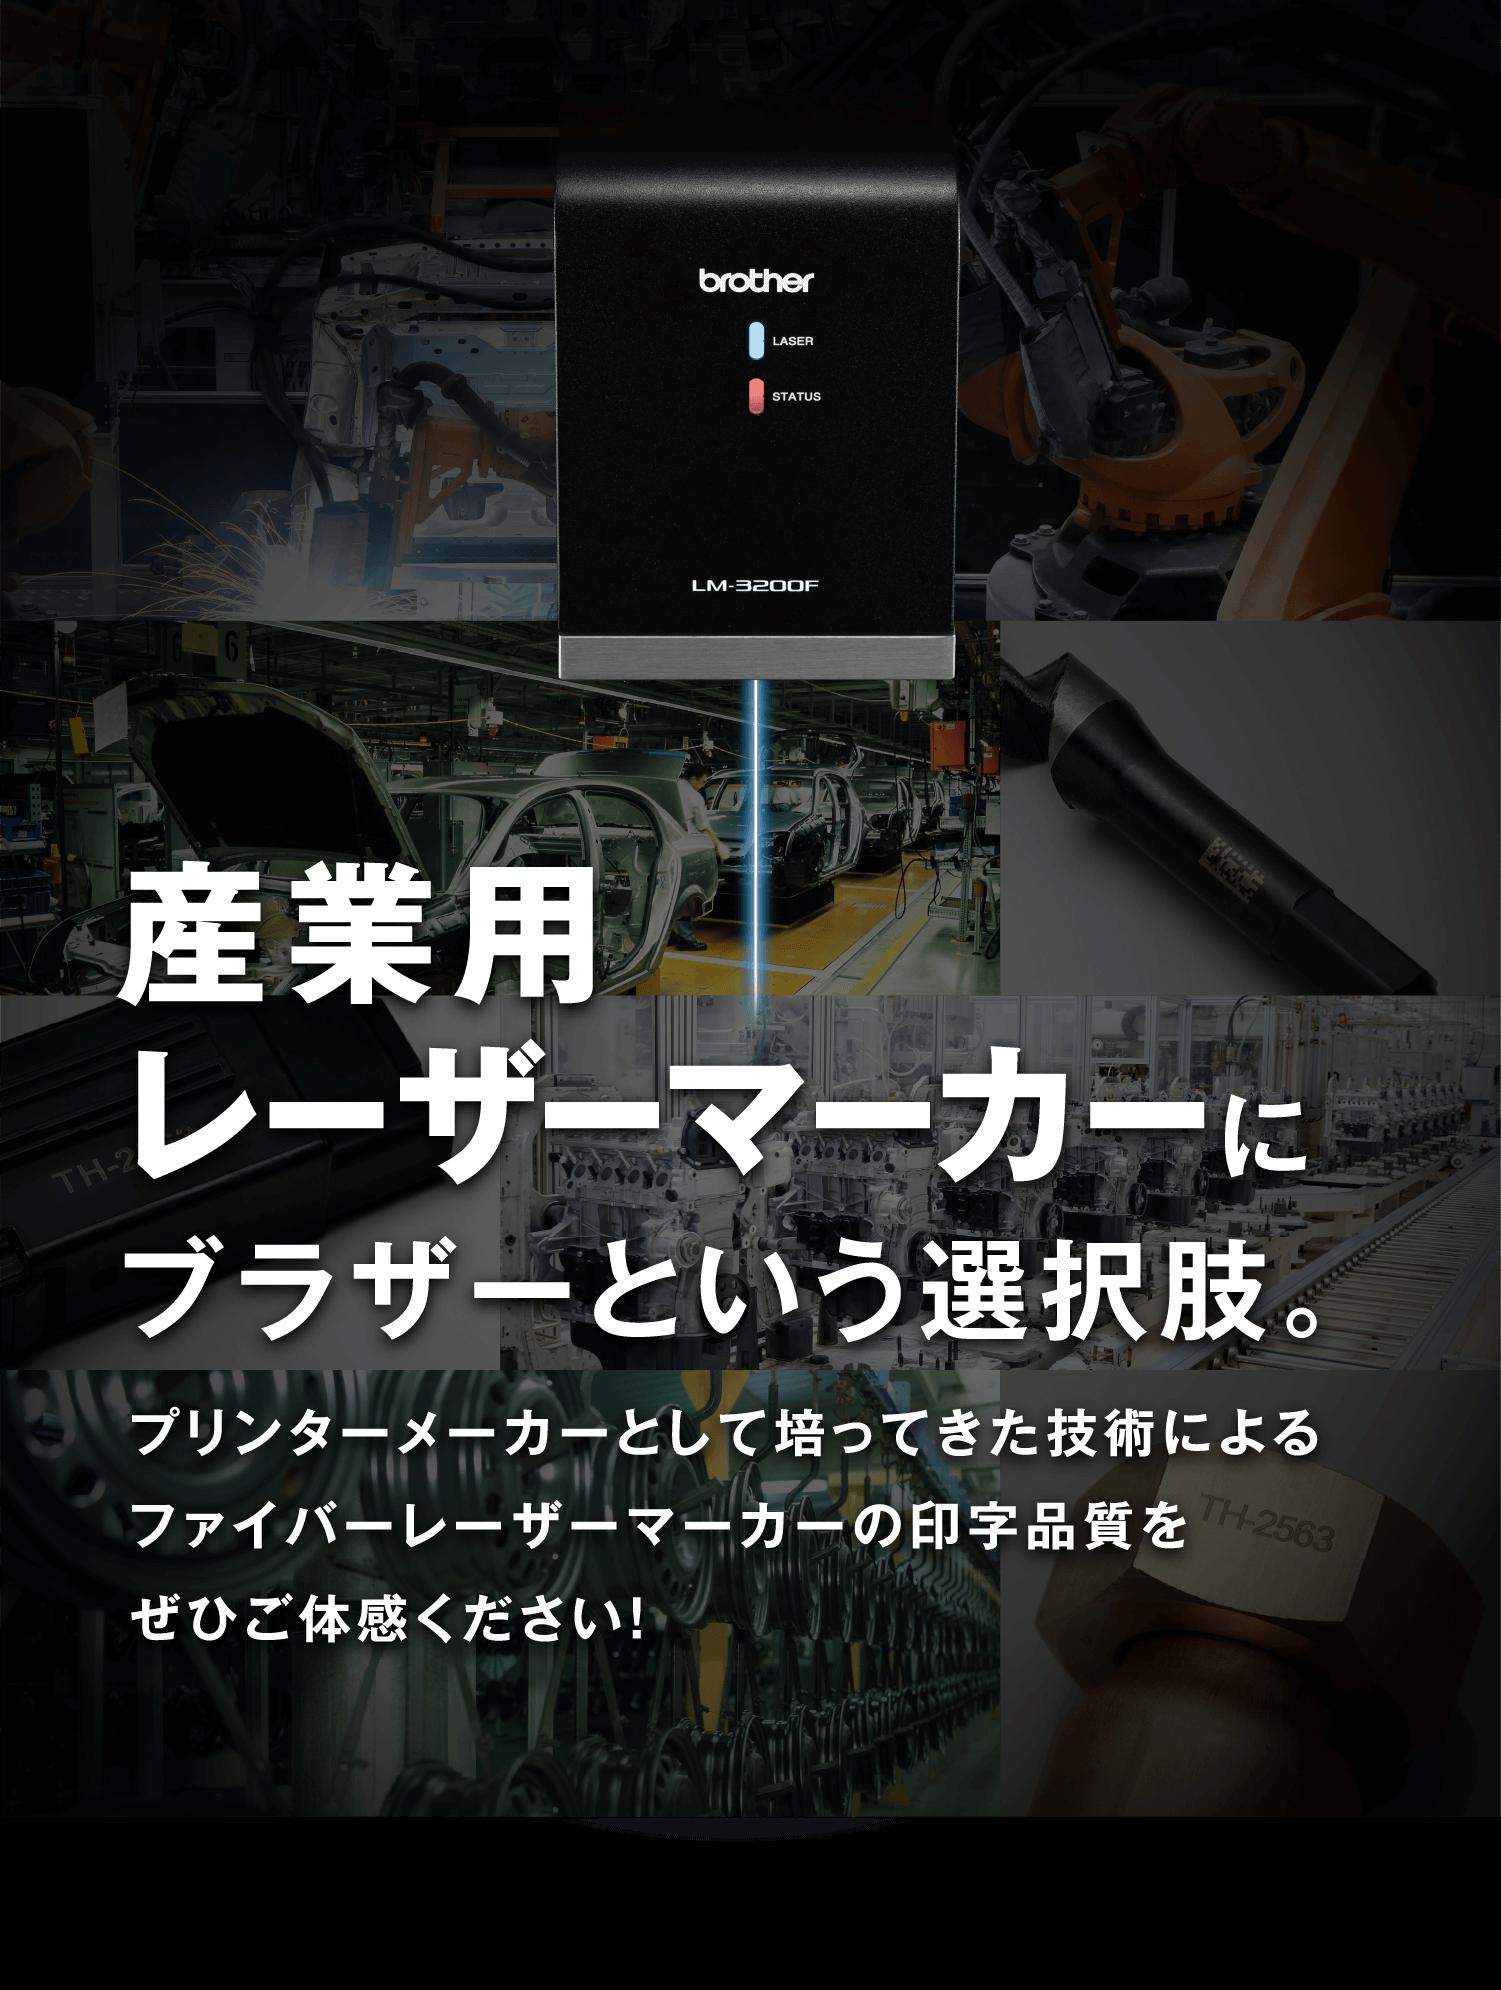 産業用レーザーマーカーにブラザーという選択肢。